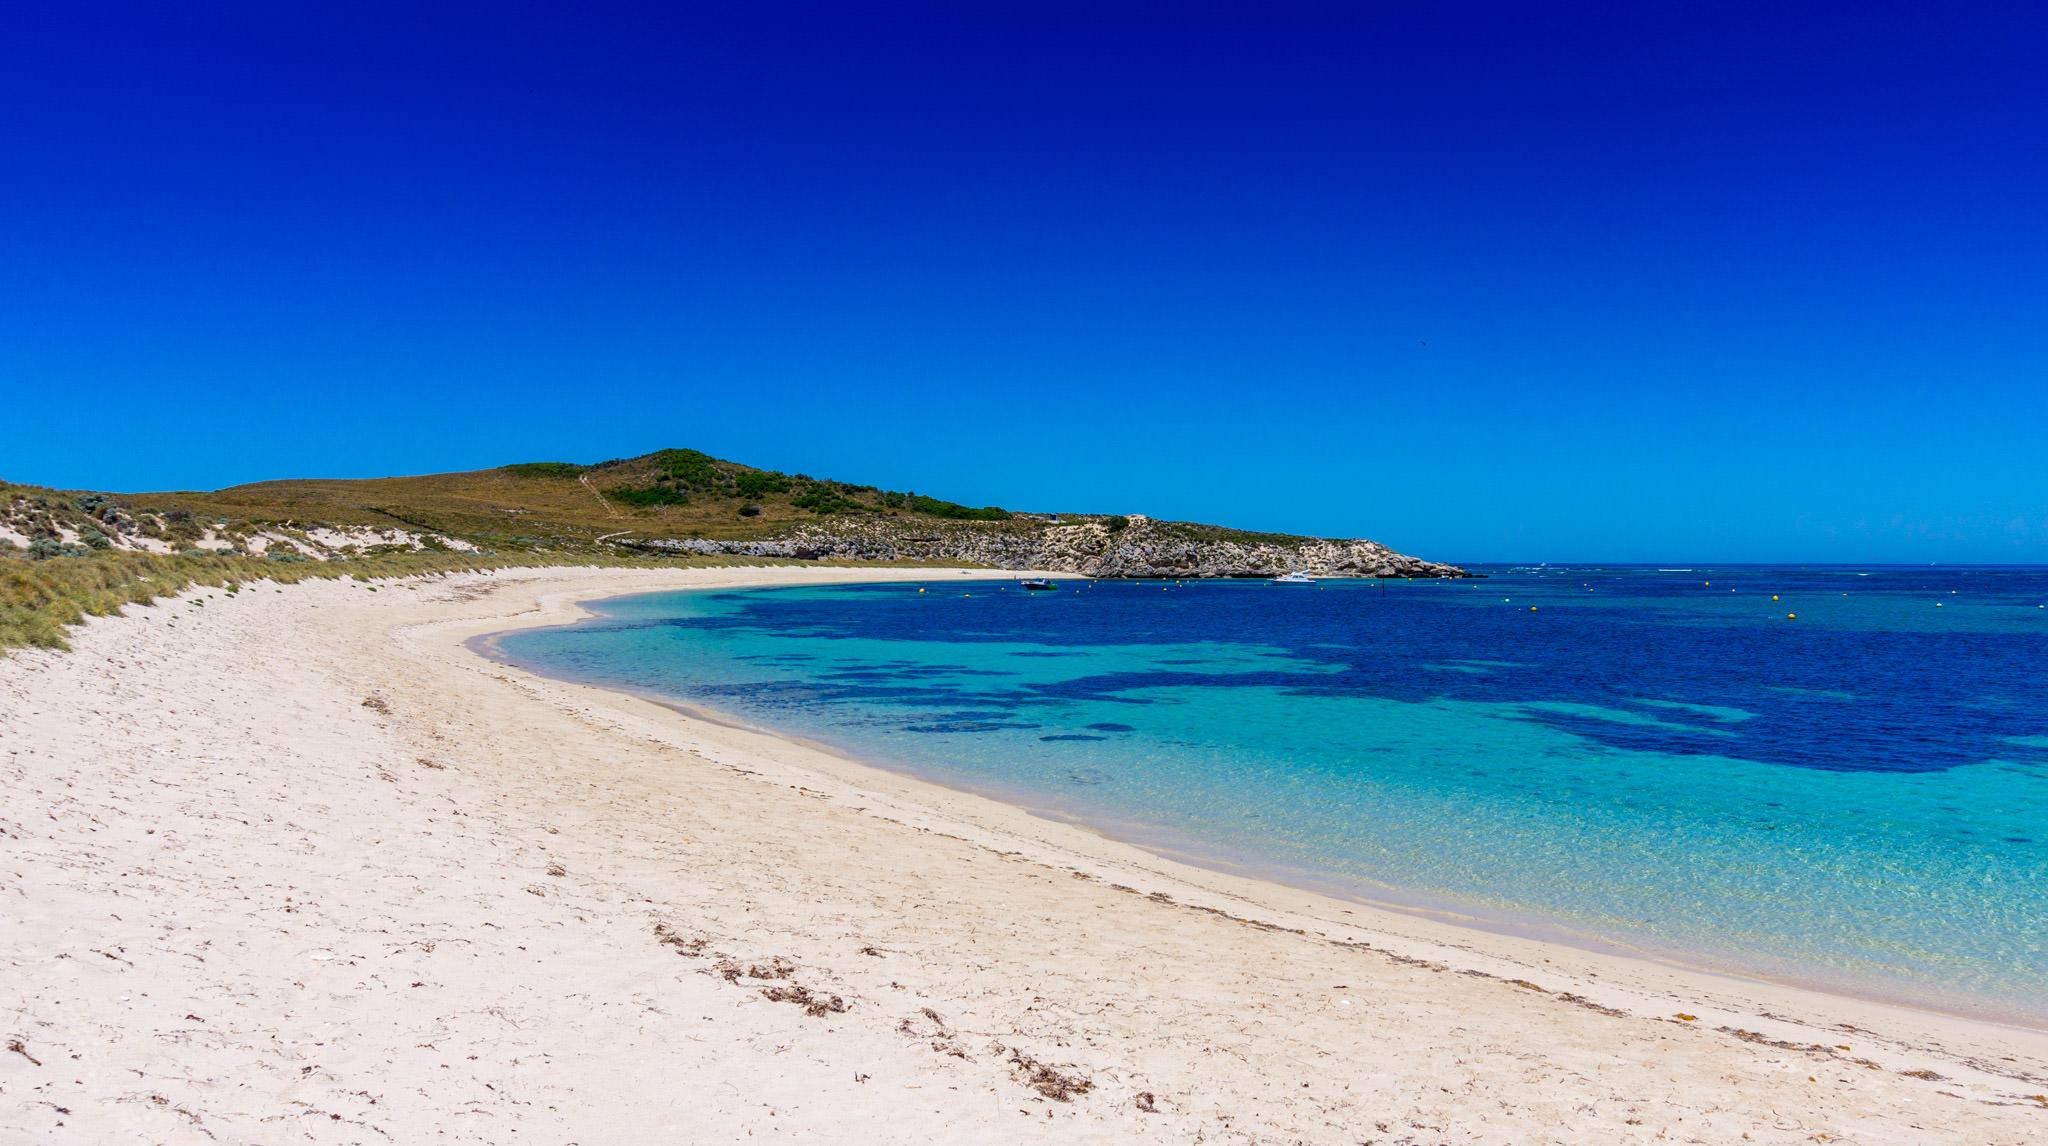 Blaues Meer und ein Traumstrand auf Rottnest Island